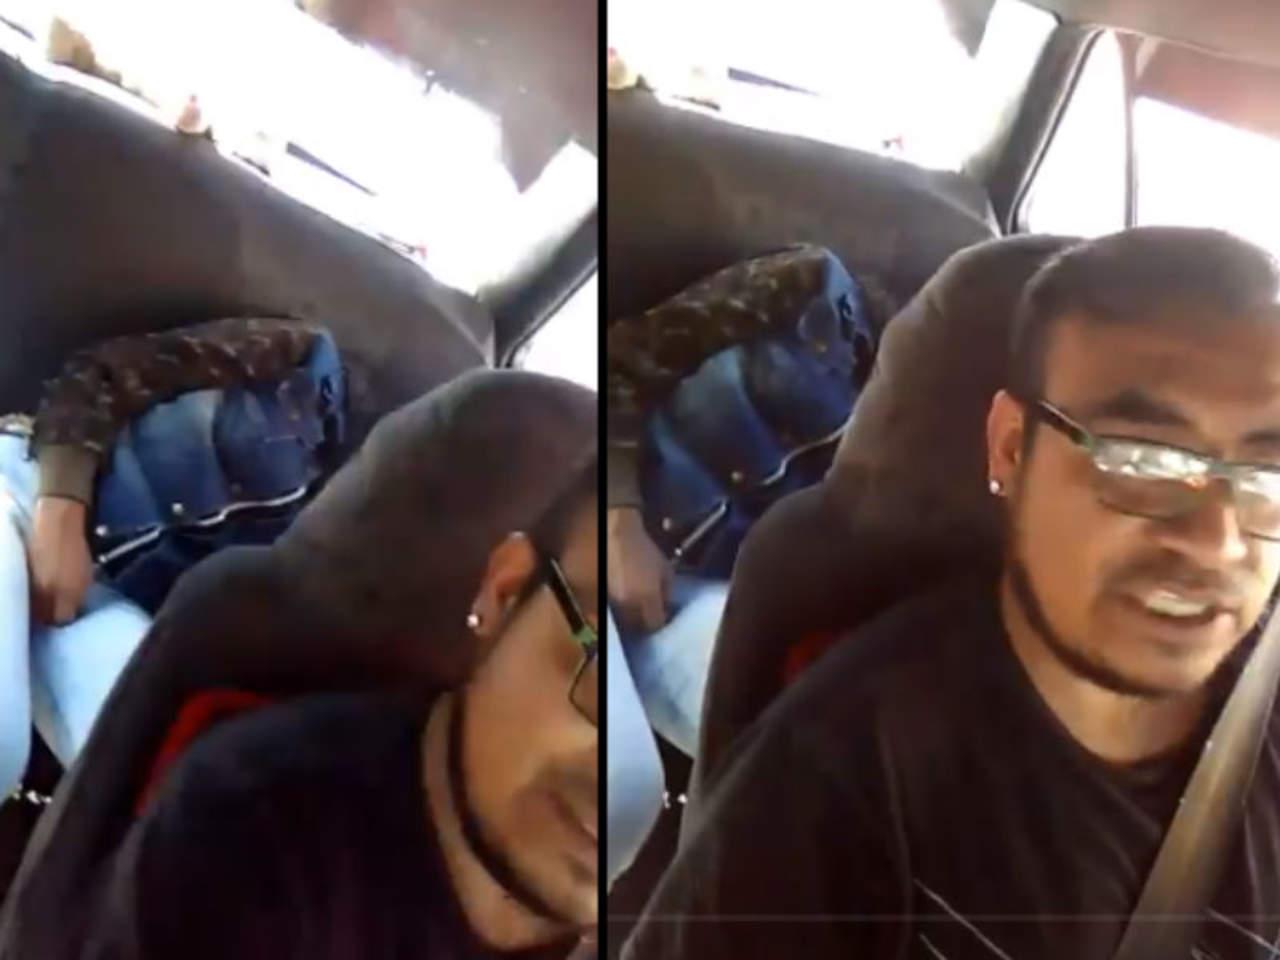 Taxista exhibe a pasajera alcoholizada para 'crear consciencia'